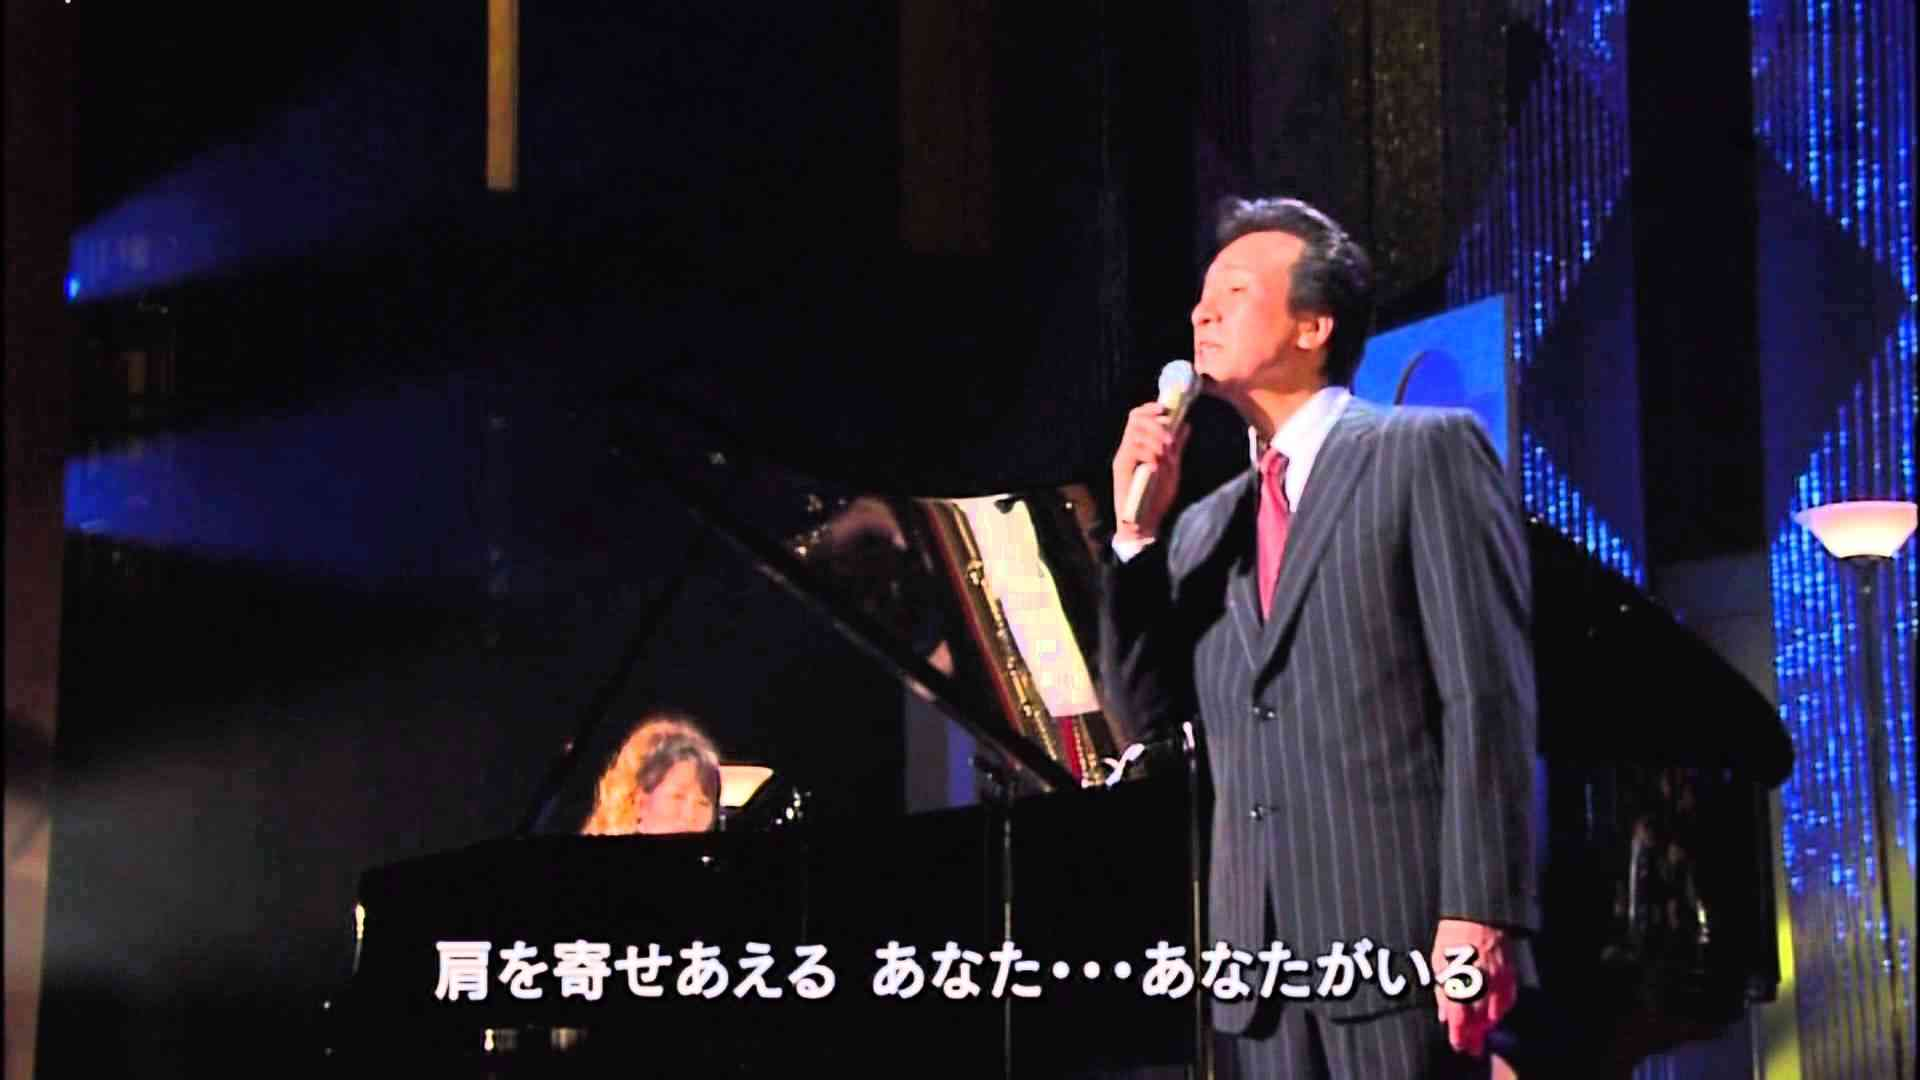 前川清  東京砂漠 - YouTube